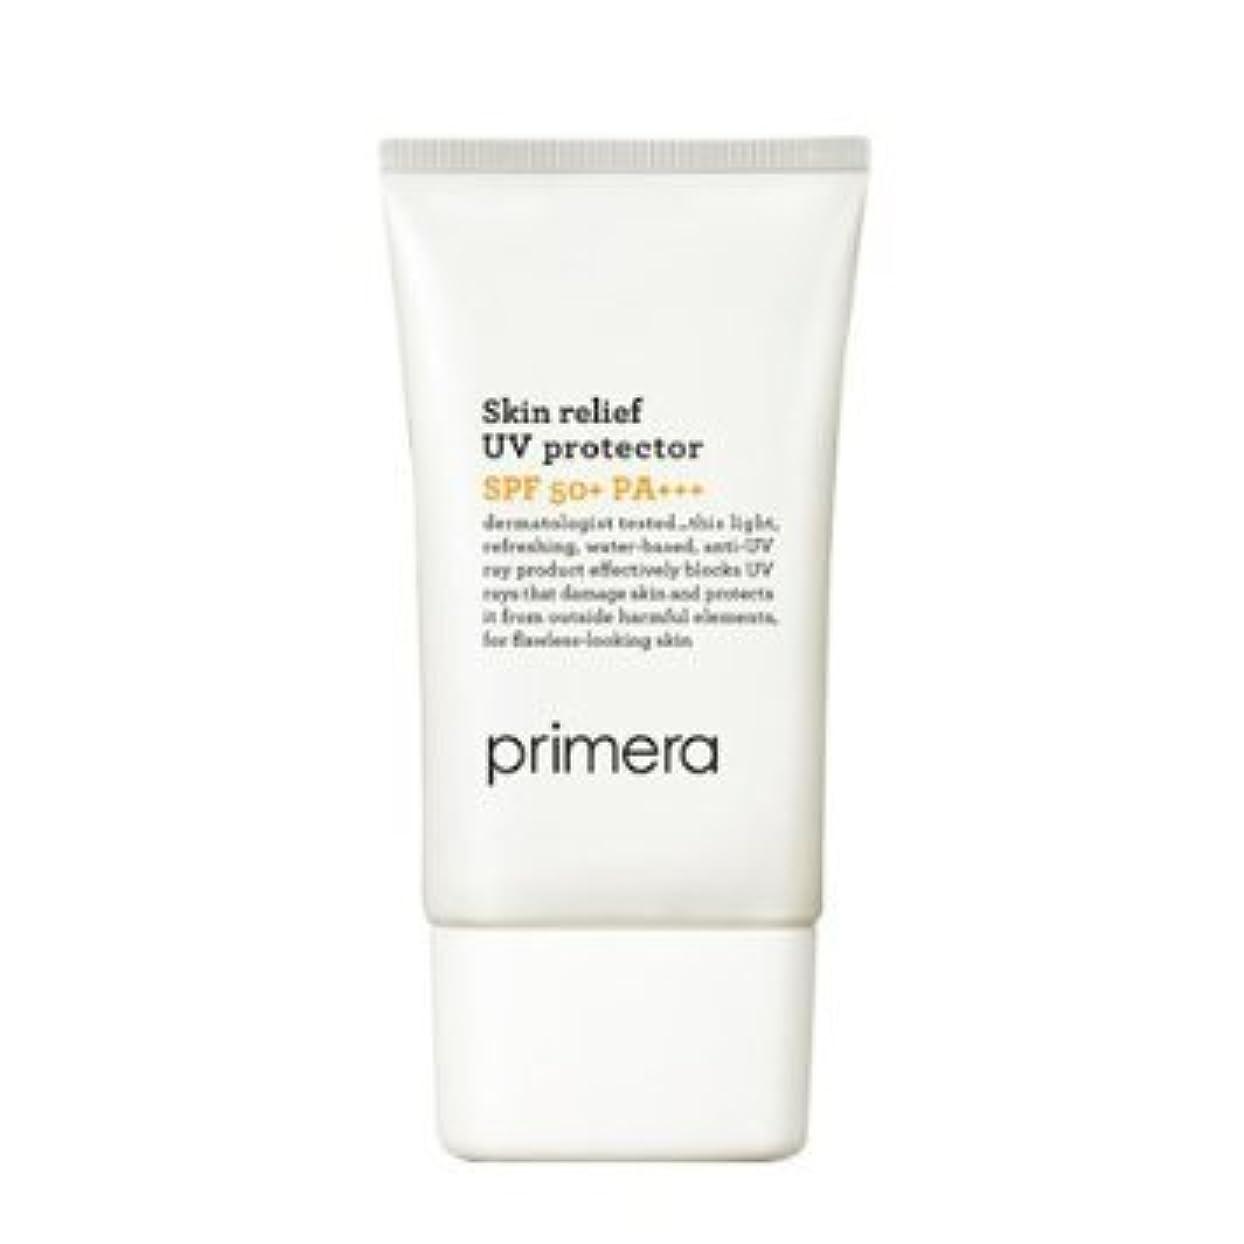 露出度の高いシェトランド諸島スコットランド人Korean Cosmetics, Amorepacific Primera Skin Relief UV Protector SPF50+ PA+++ 50ml[行輸入品]